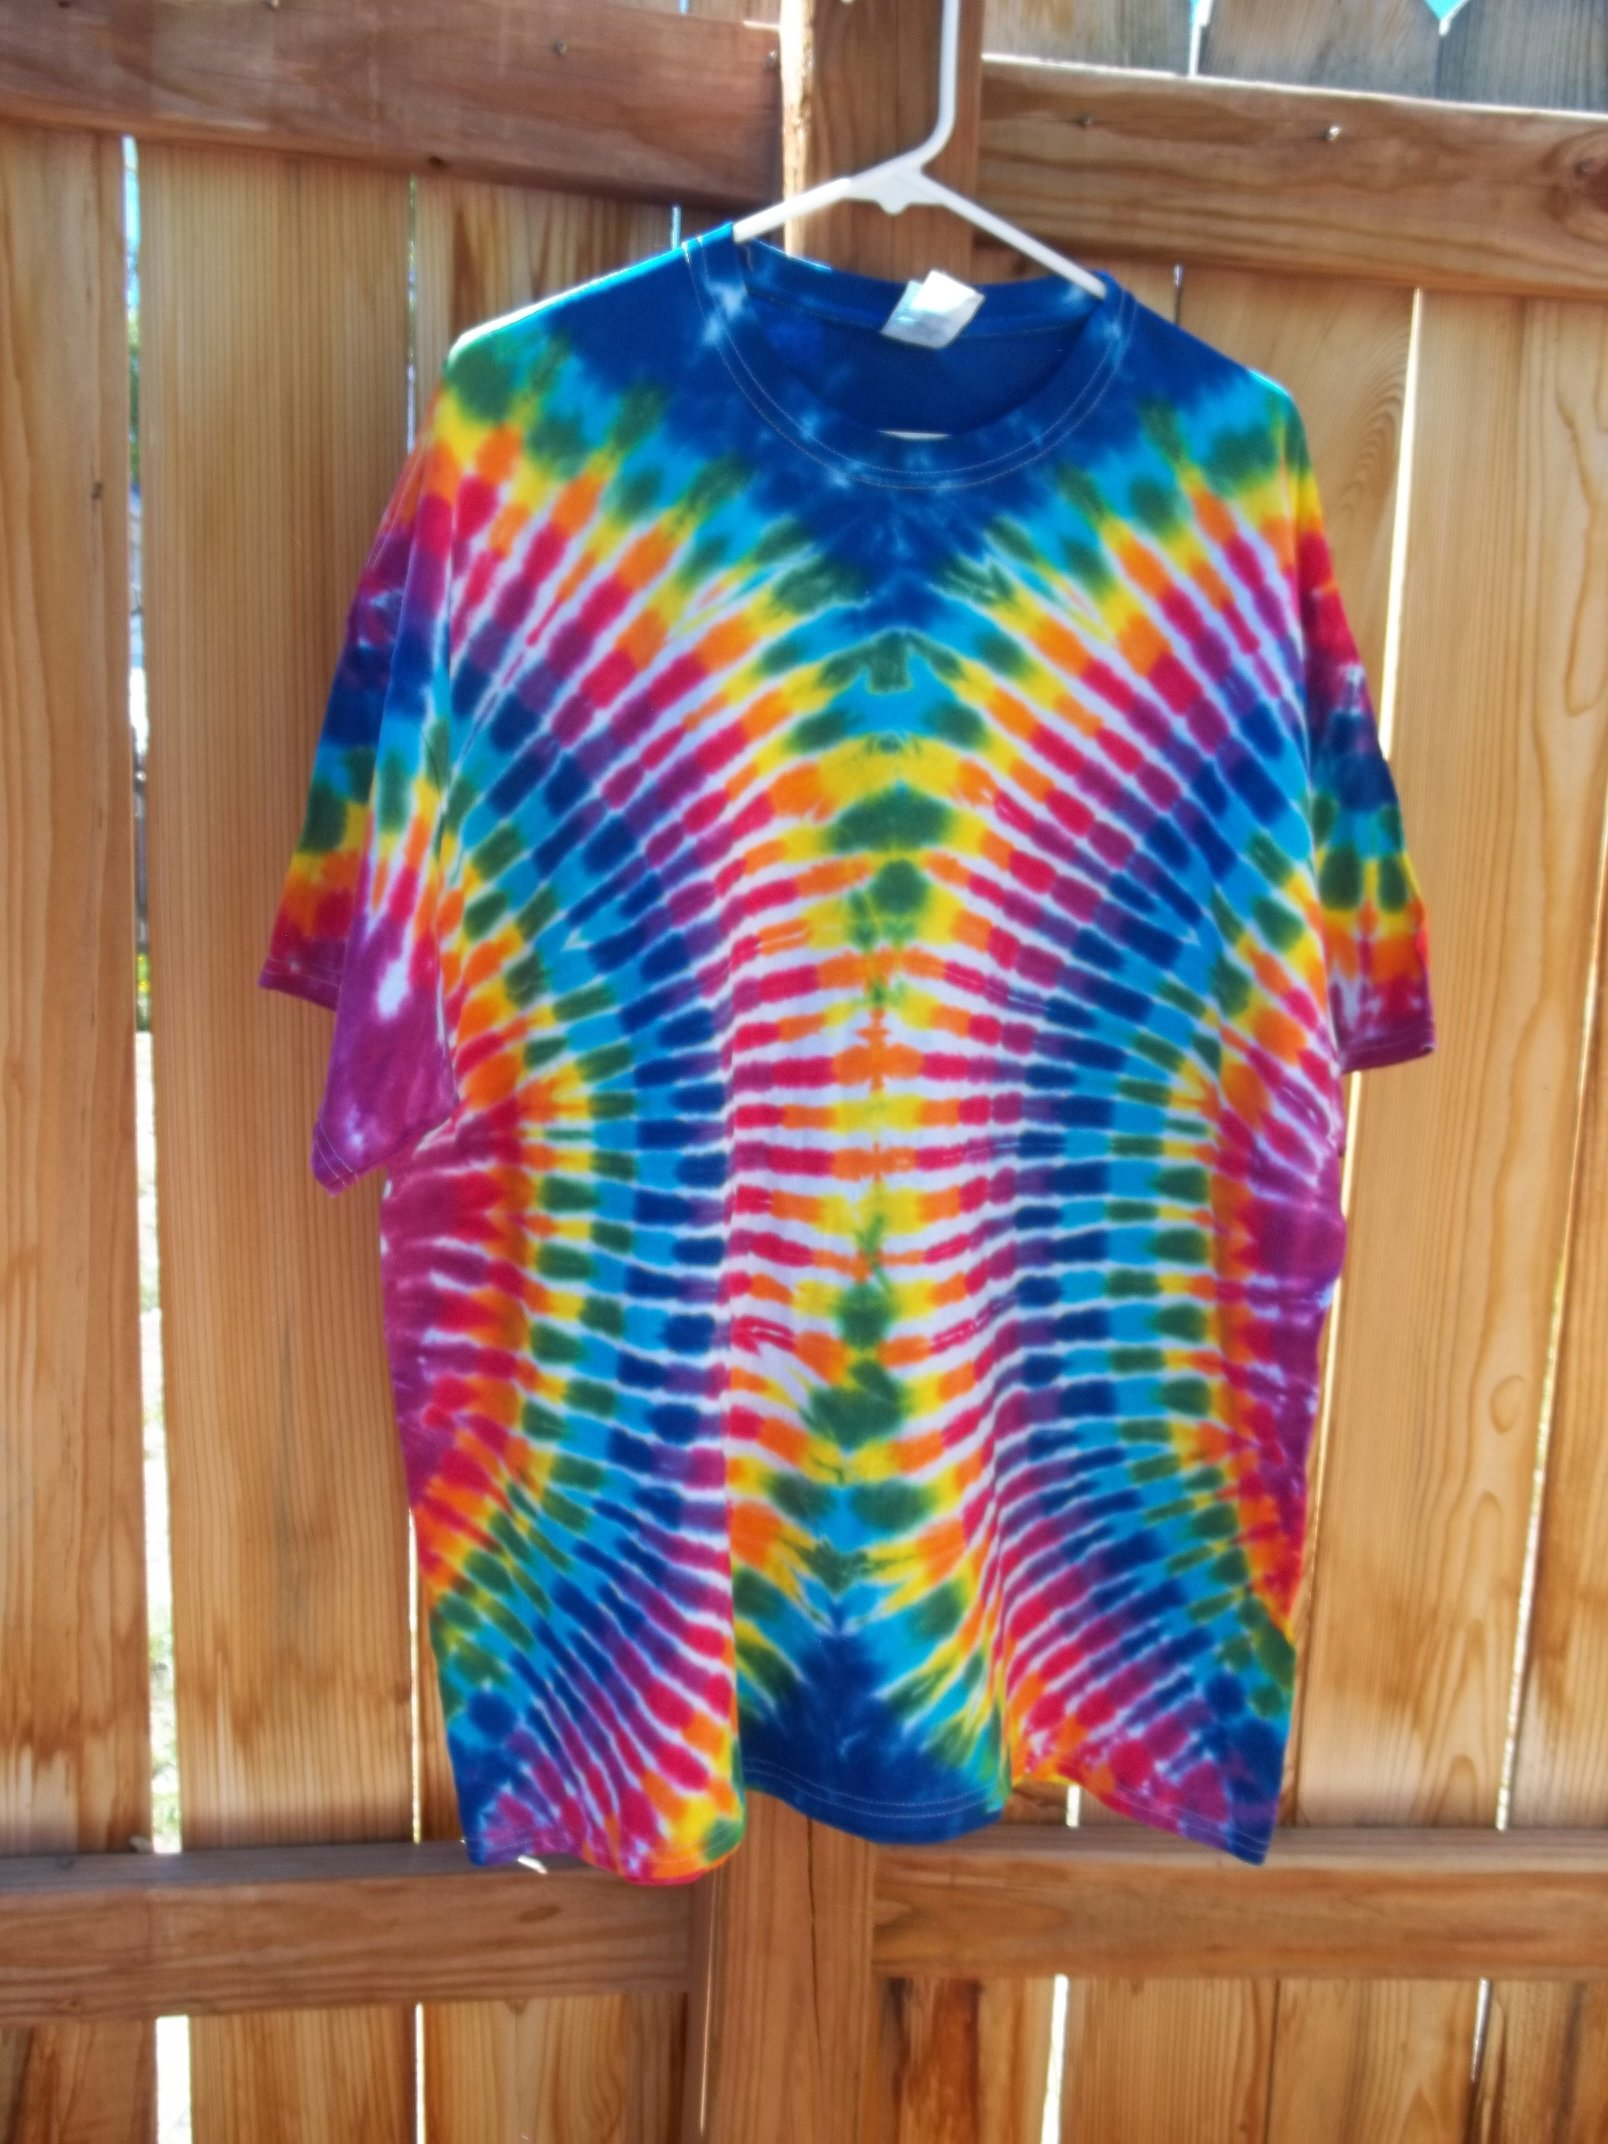 XXL Gildan Rainbow Tie Dye   Facebook